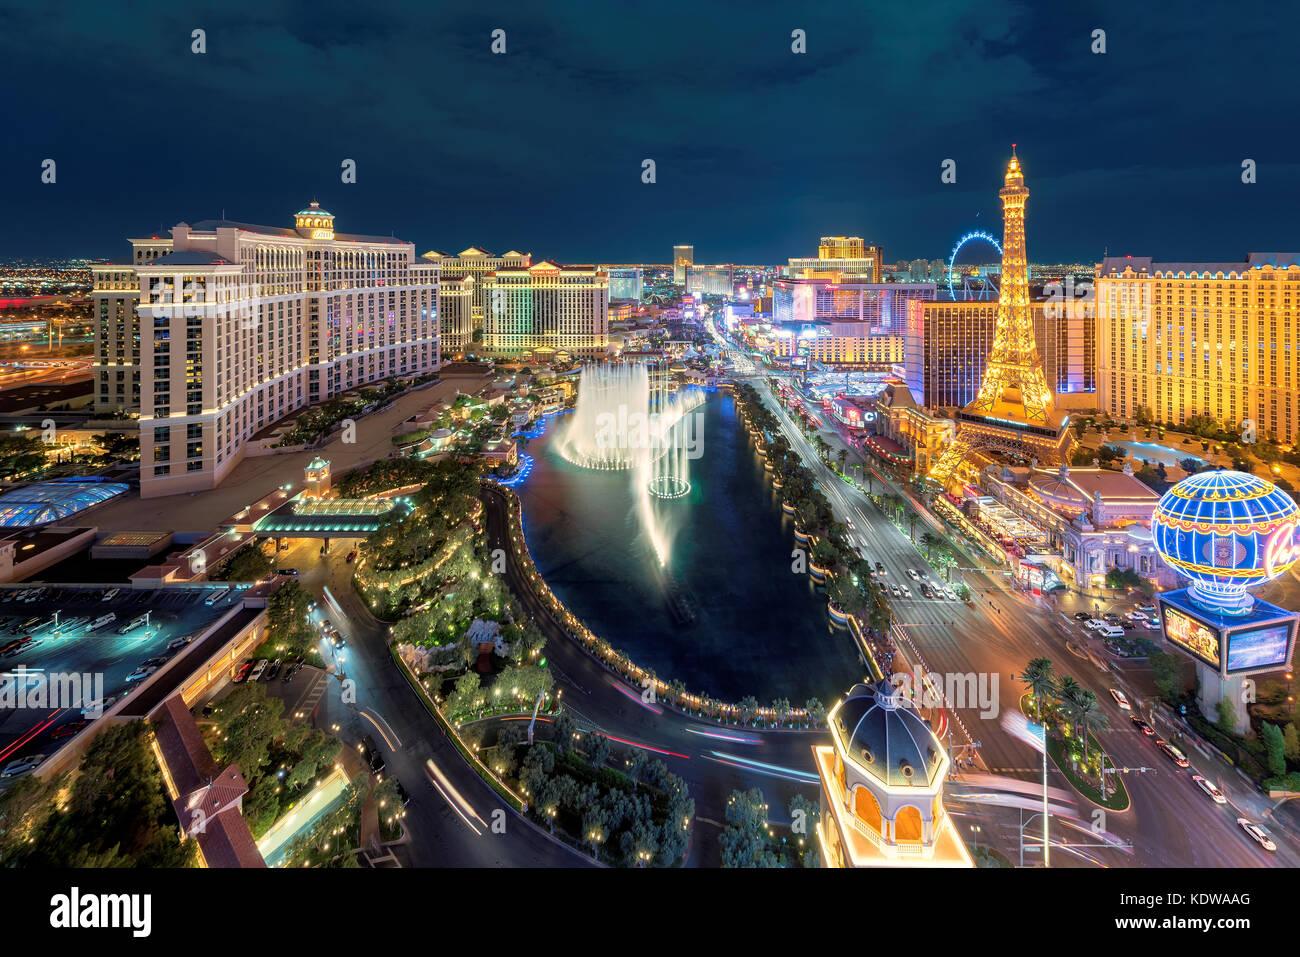 Vista aérea de la strip de Las Vegas por la noche Imagen De Stock